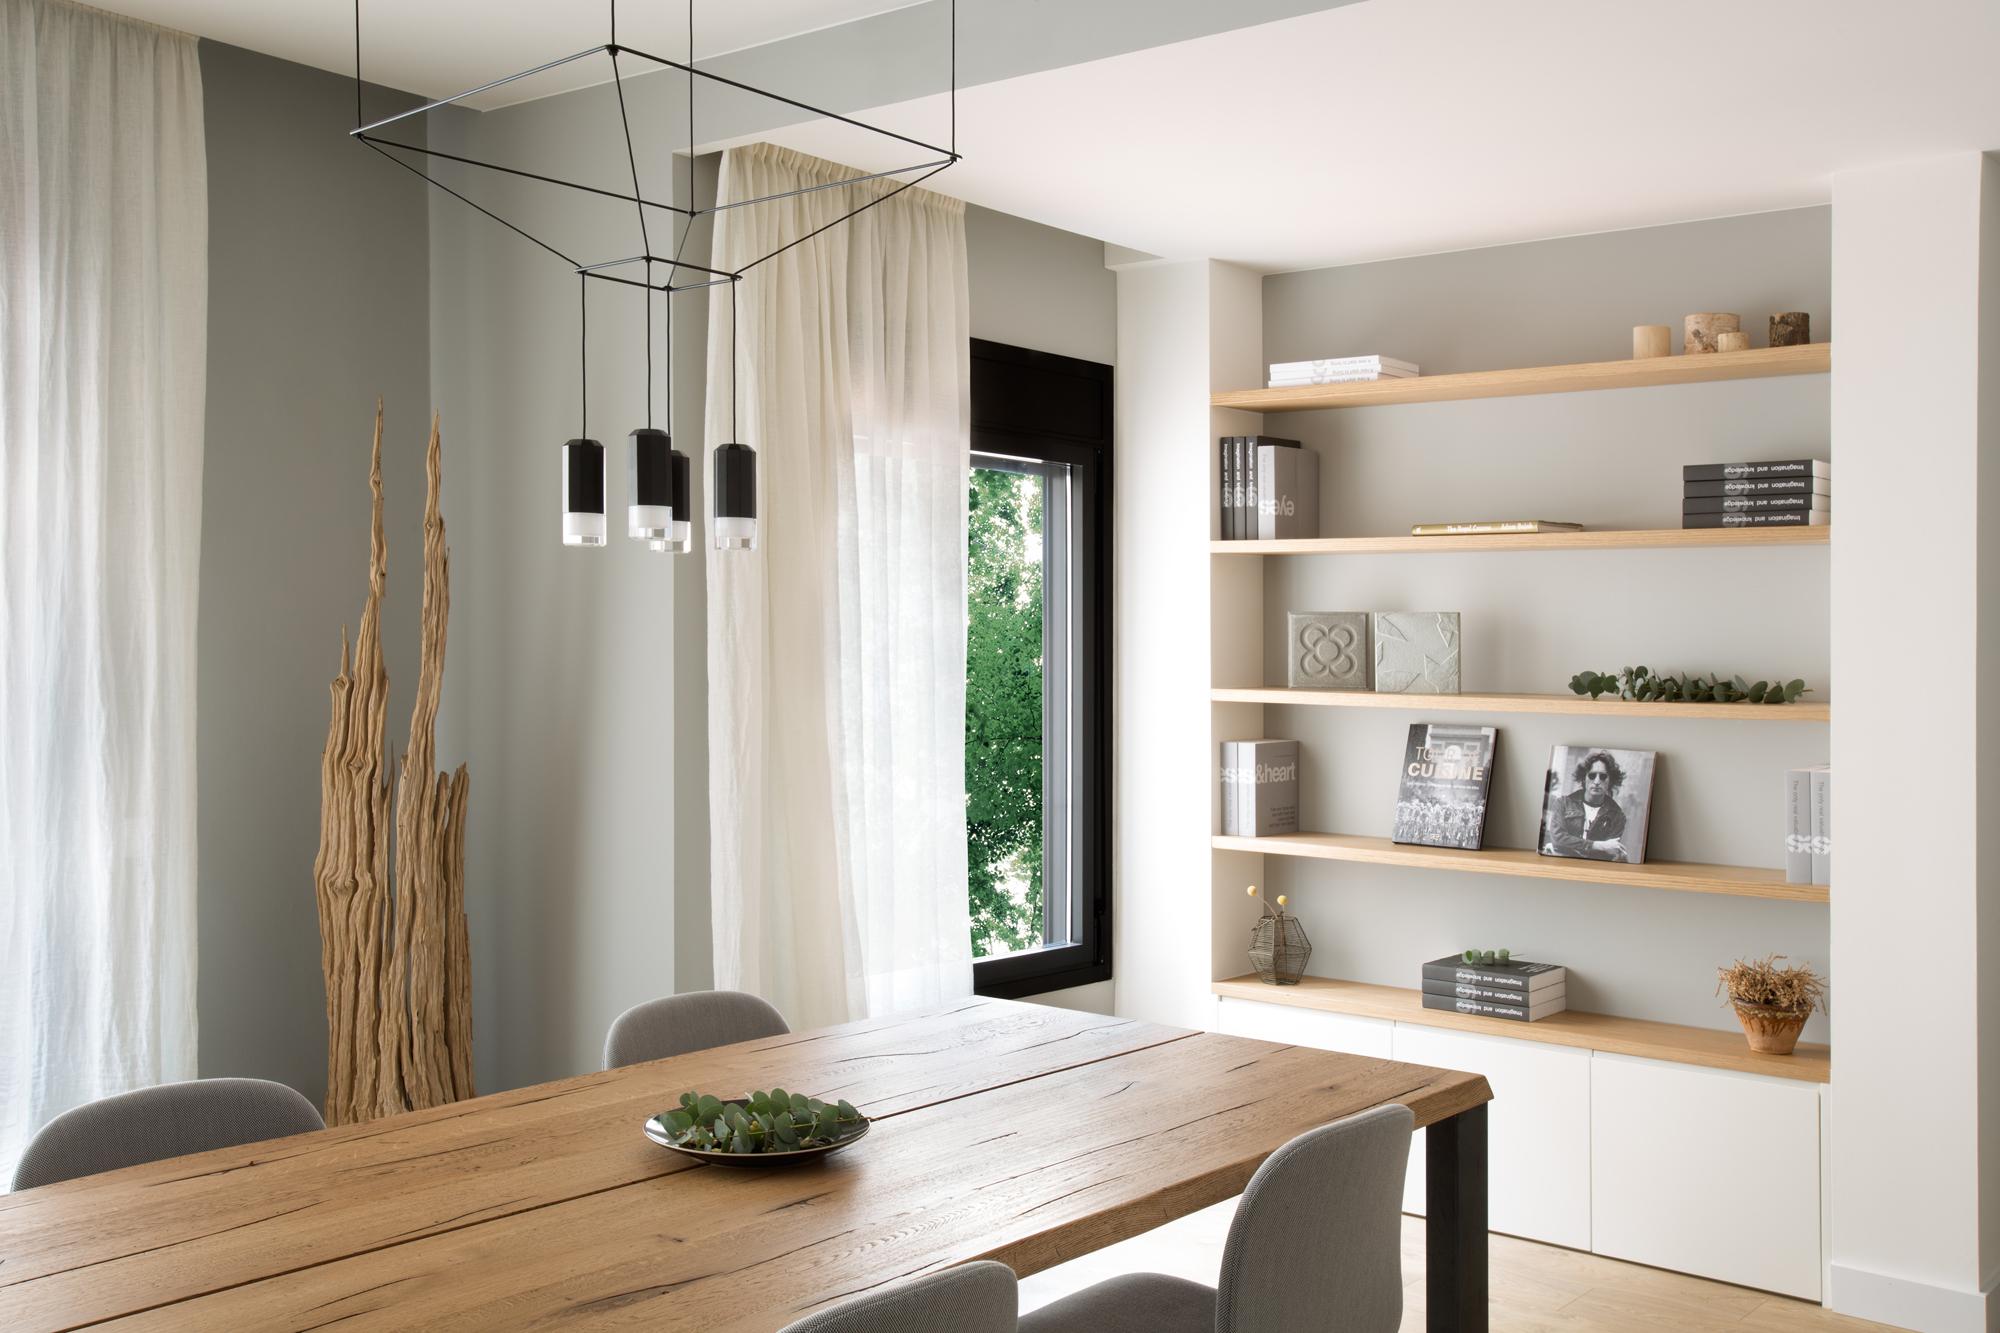 Decoradores y arquitectos j venes de moda - Decoradores de interiores barcelona ...